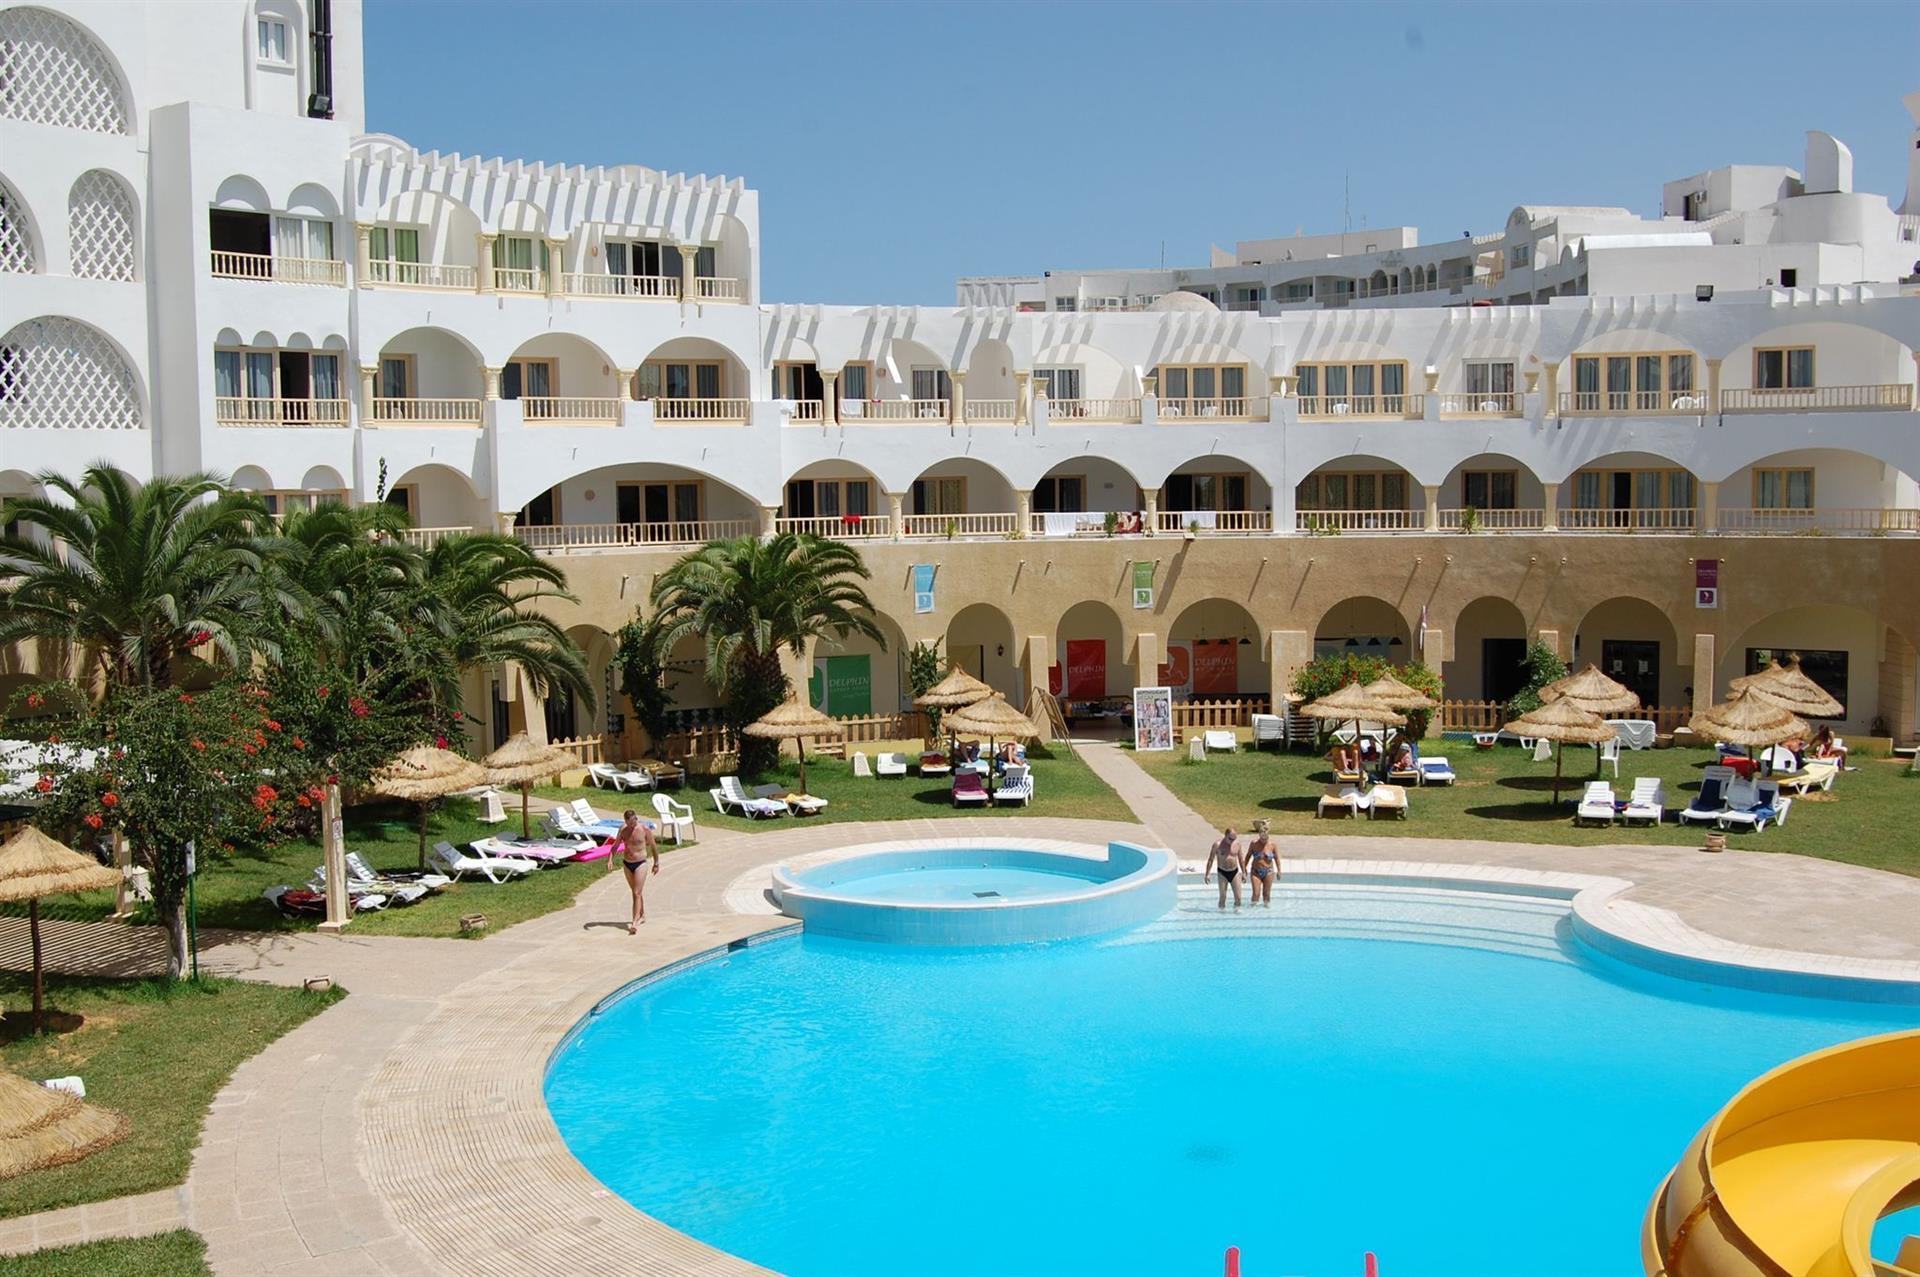 отель в тунисе дельфин эль хабиб фото стучит